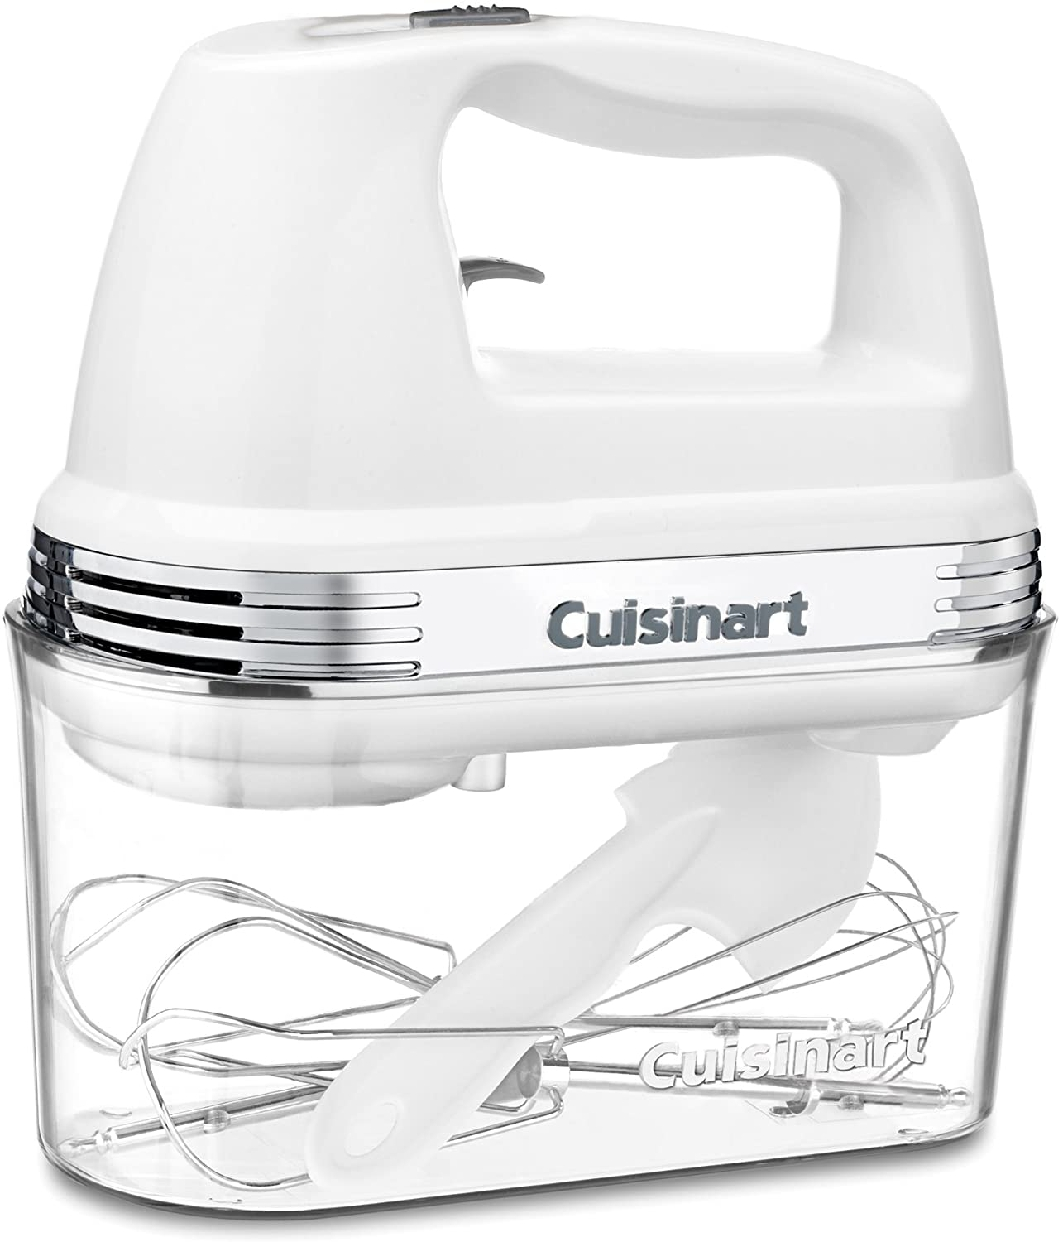 Cuisinart(クイジナート) スマートパワーハンドミキサー HM-050SJの商品画像2